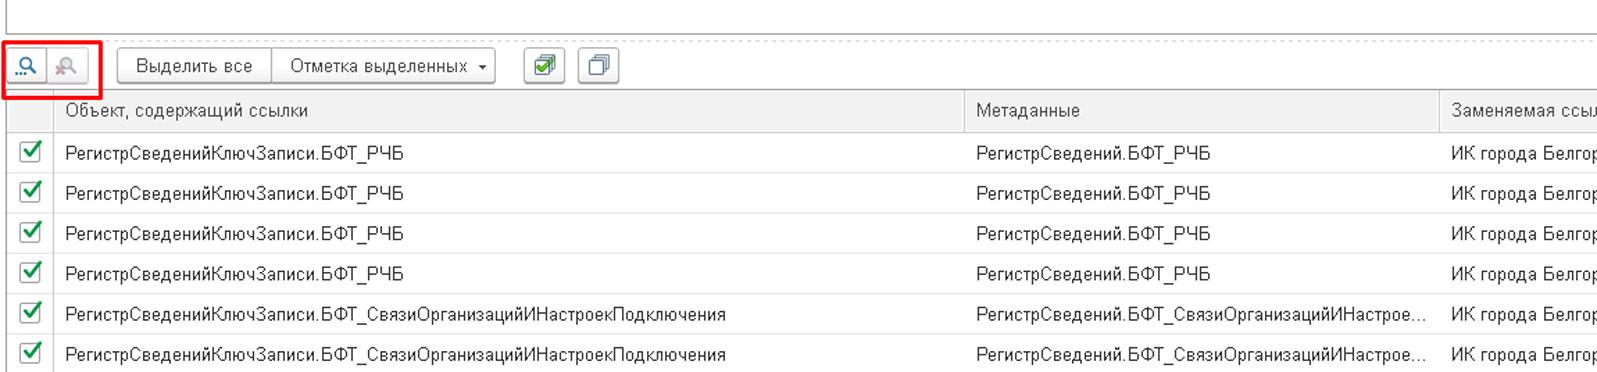 Рис.5 В табличной части также можно производить поиск в таблице значений для поиска определенных строк